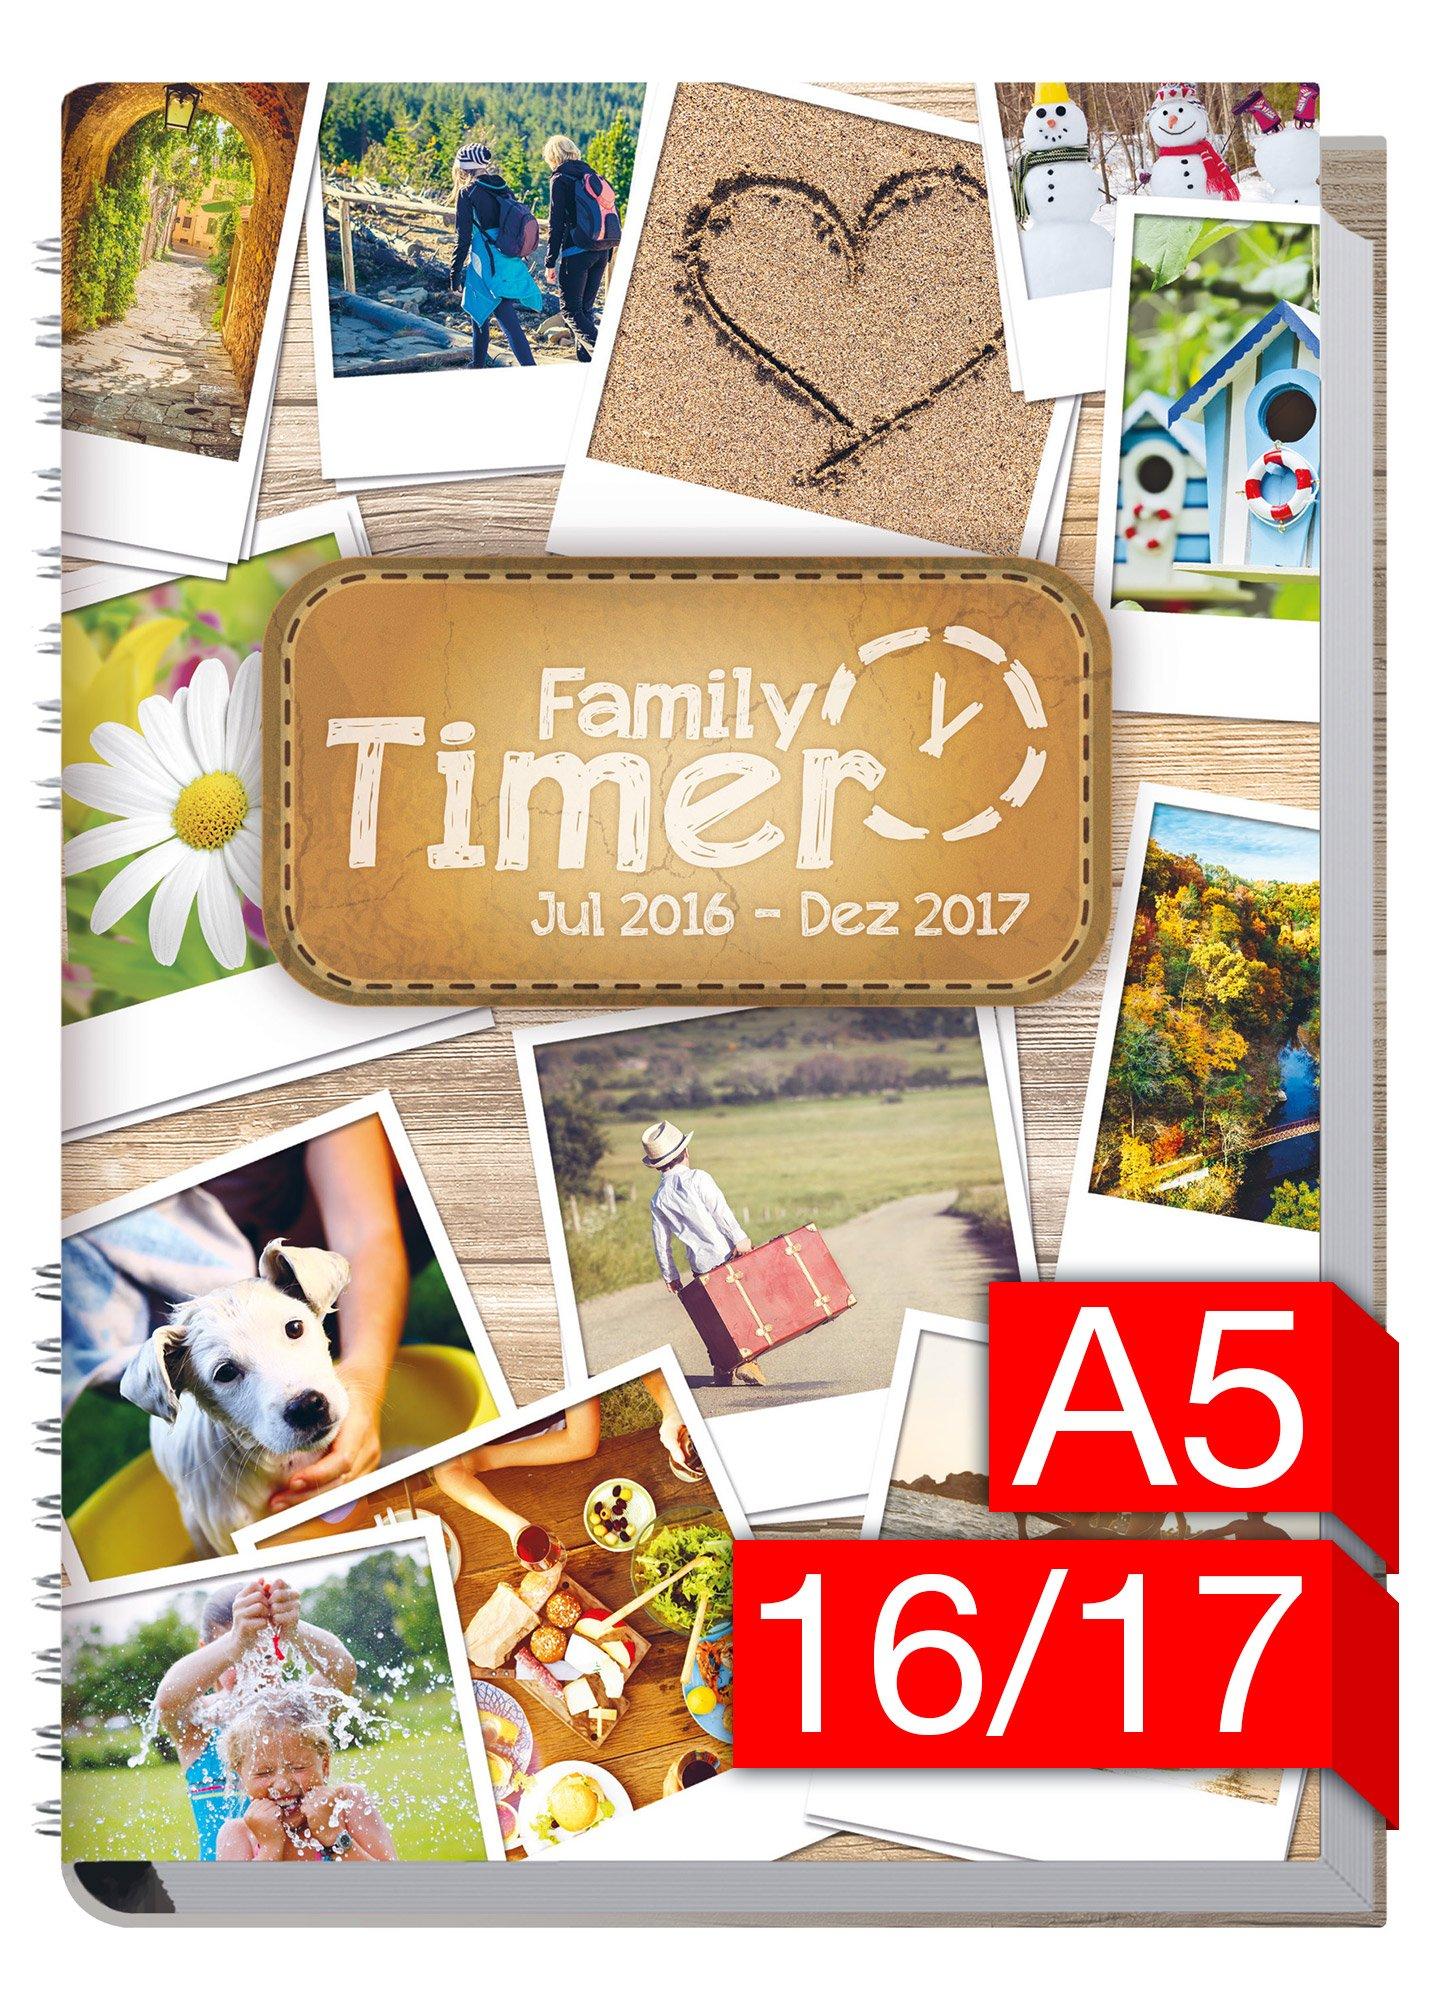 Chäff Family-Timer 2016/2017 - Der Familien-Planer! 18 Monate bis Dez 2017